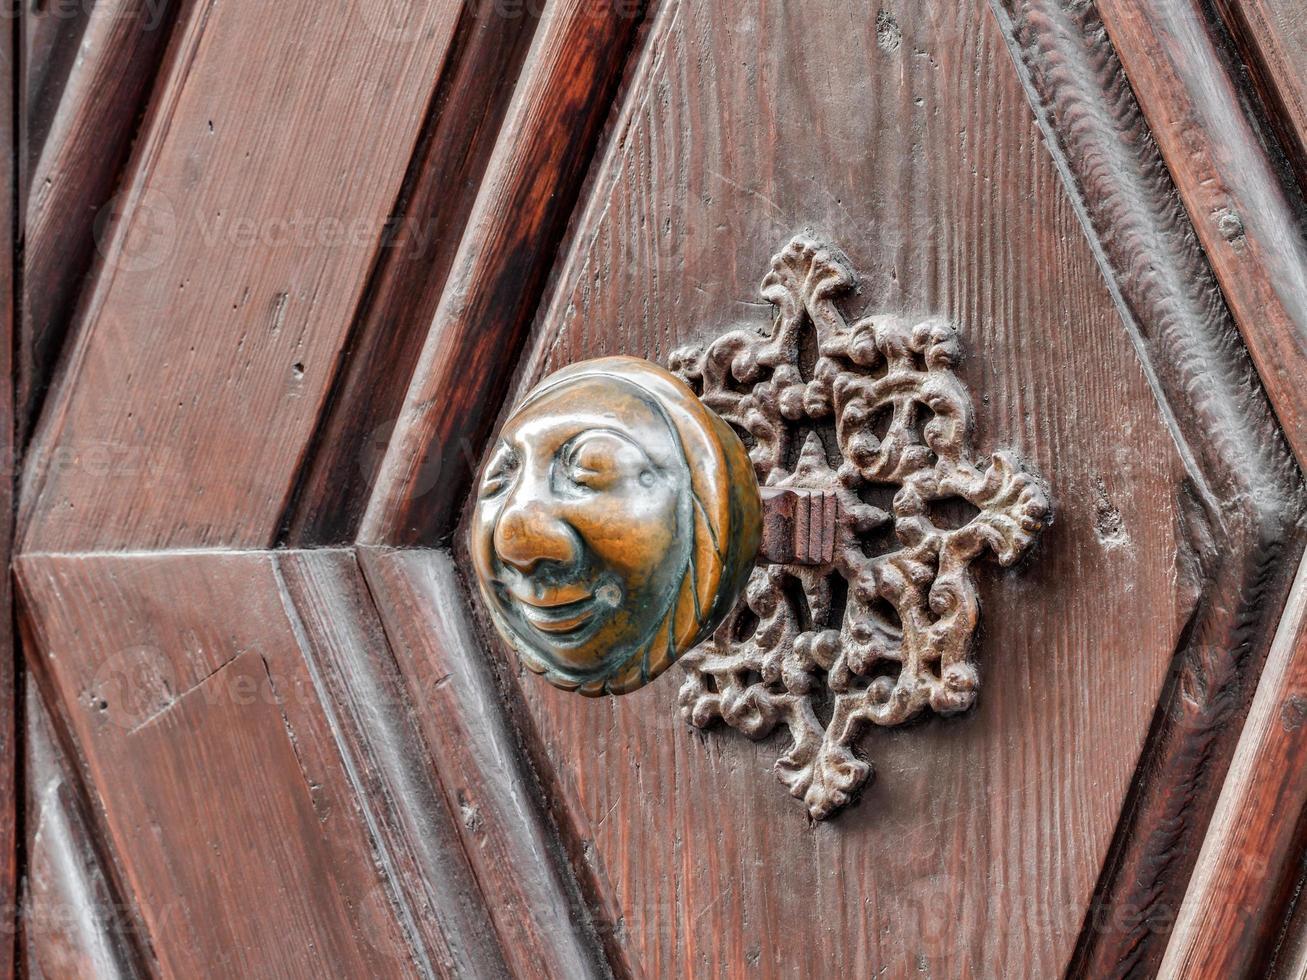 Apfelweibla, Vintage doorknob on antique door, background photo